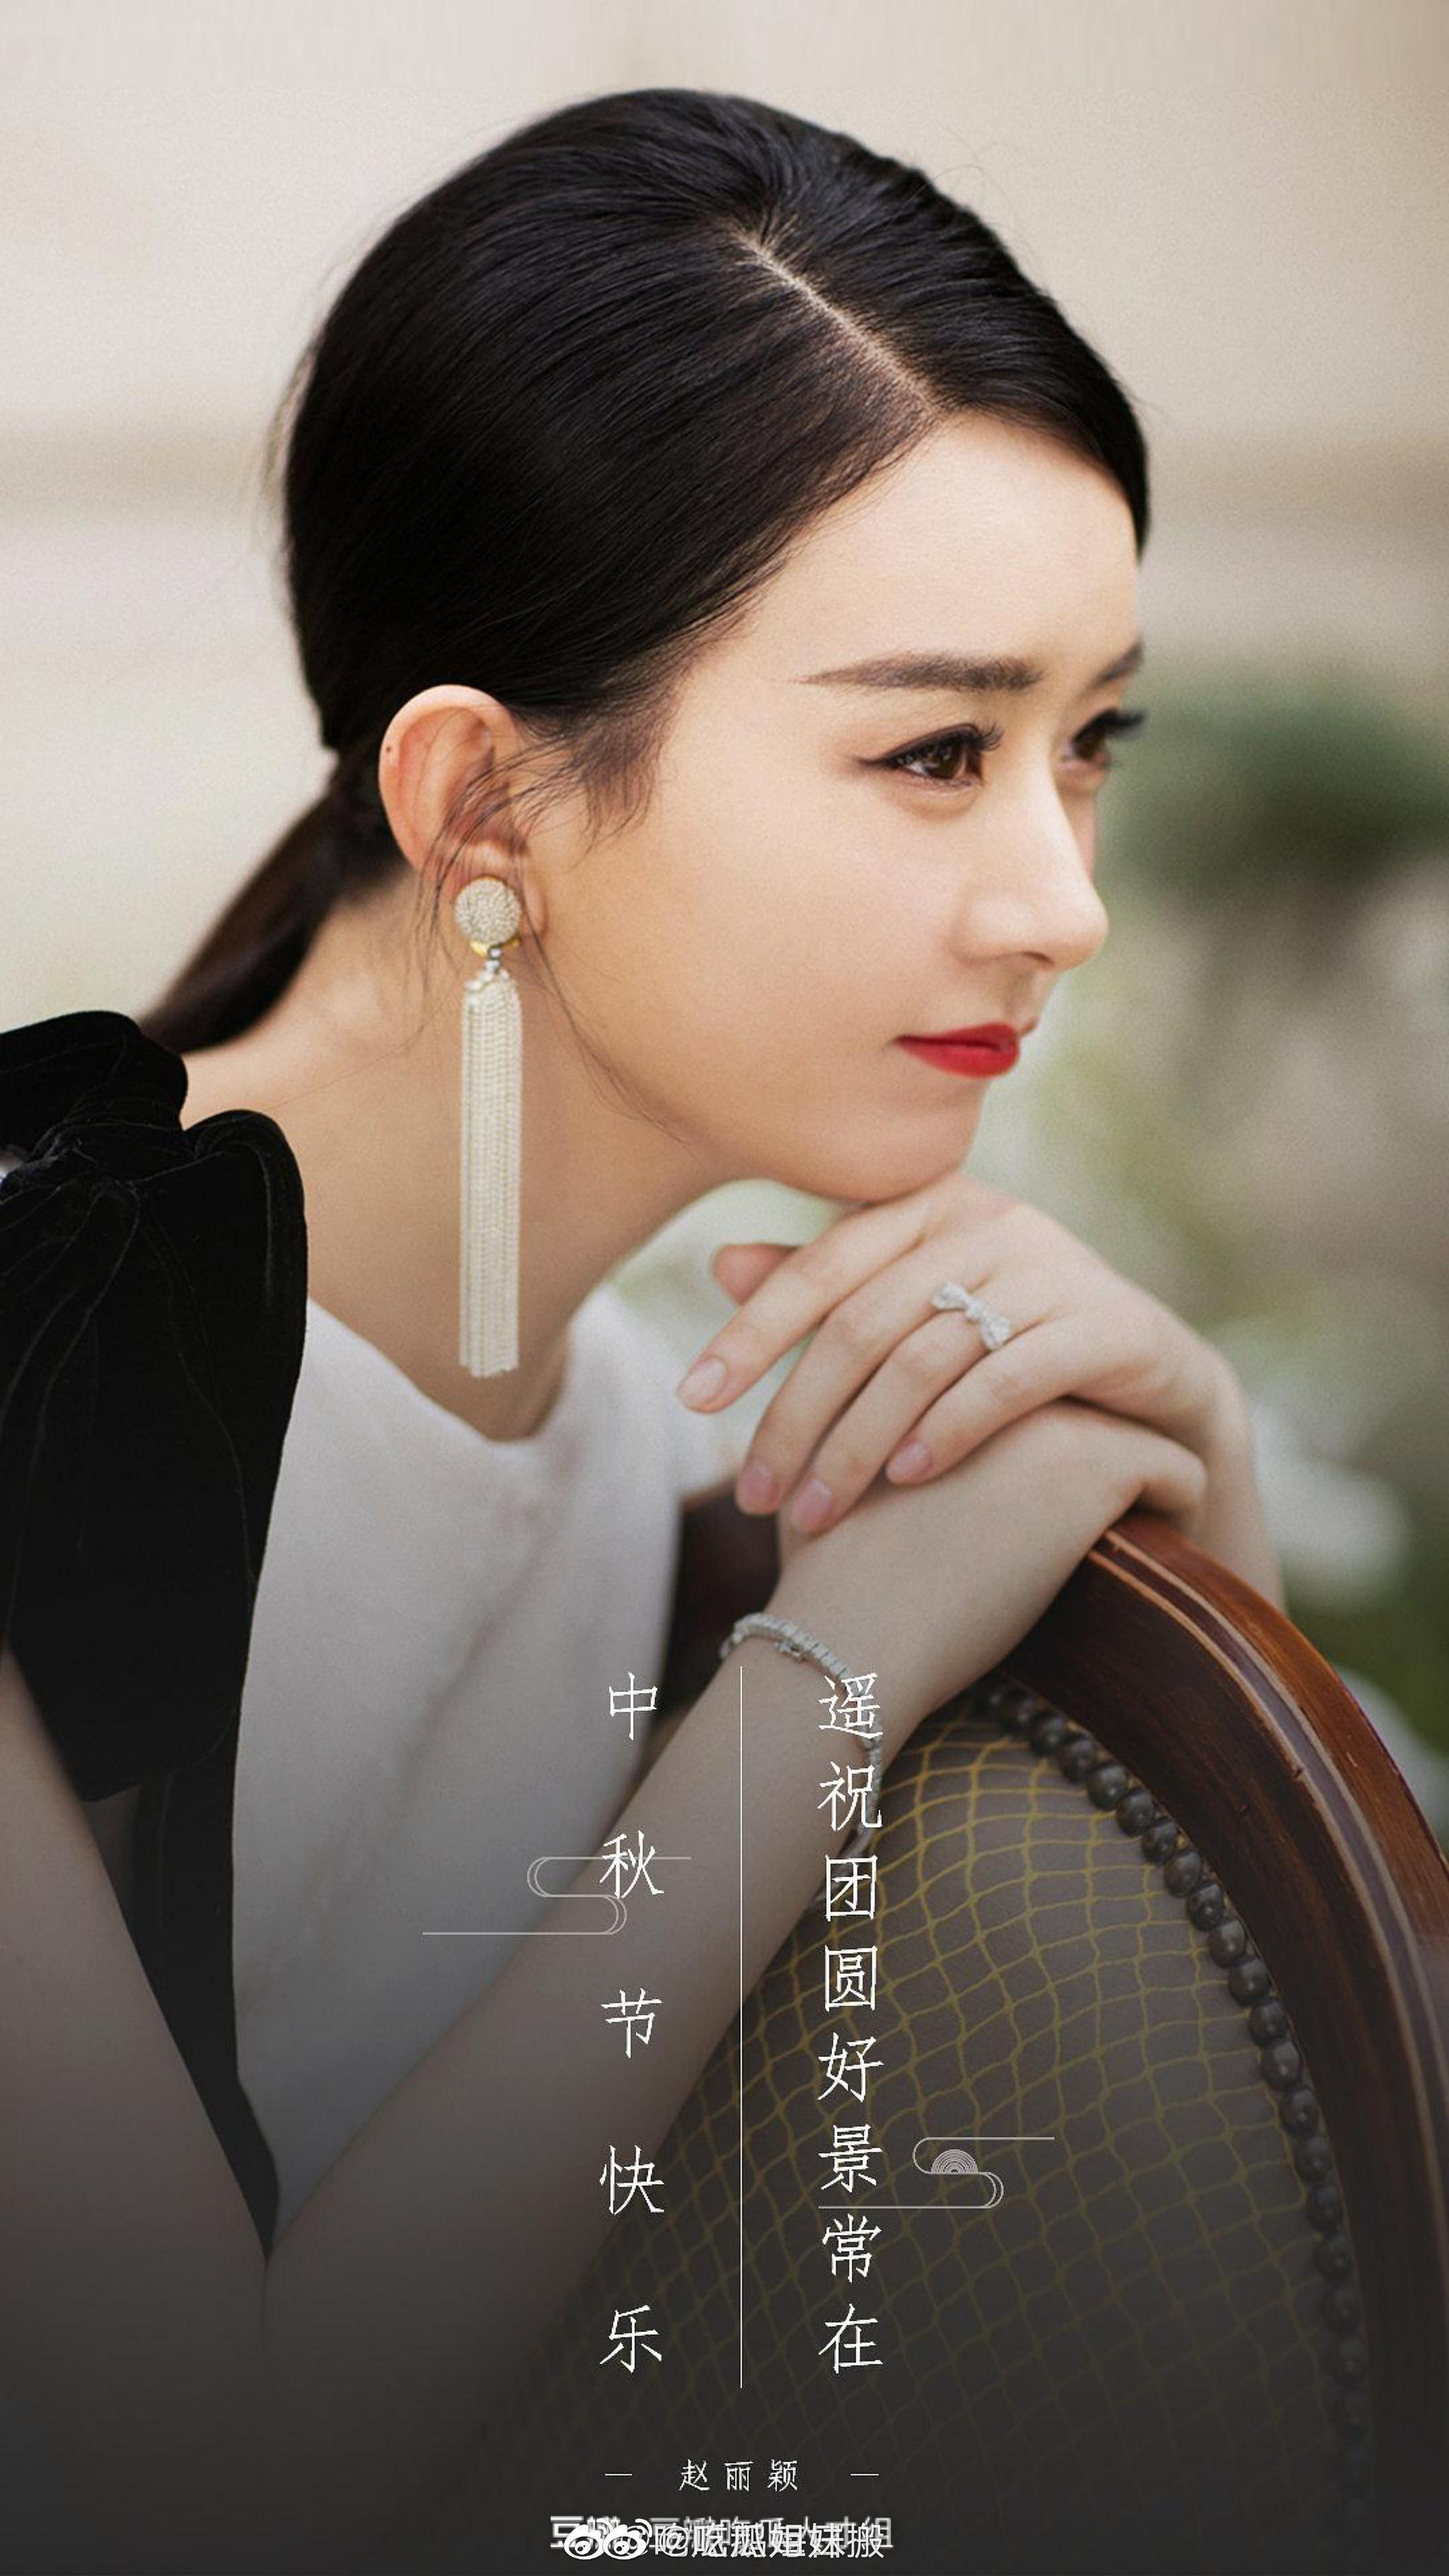 来看看明星工作室的中秋节出图:赵丽颖,李现,陈立农,迪丽热巴